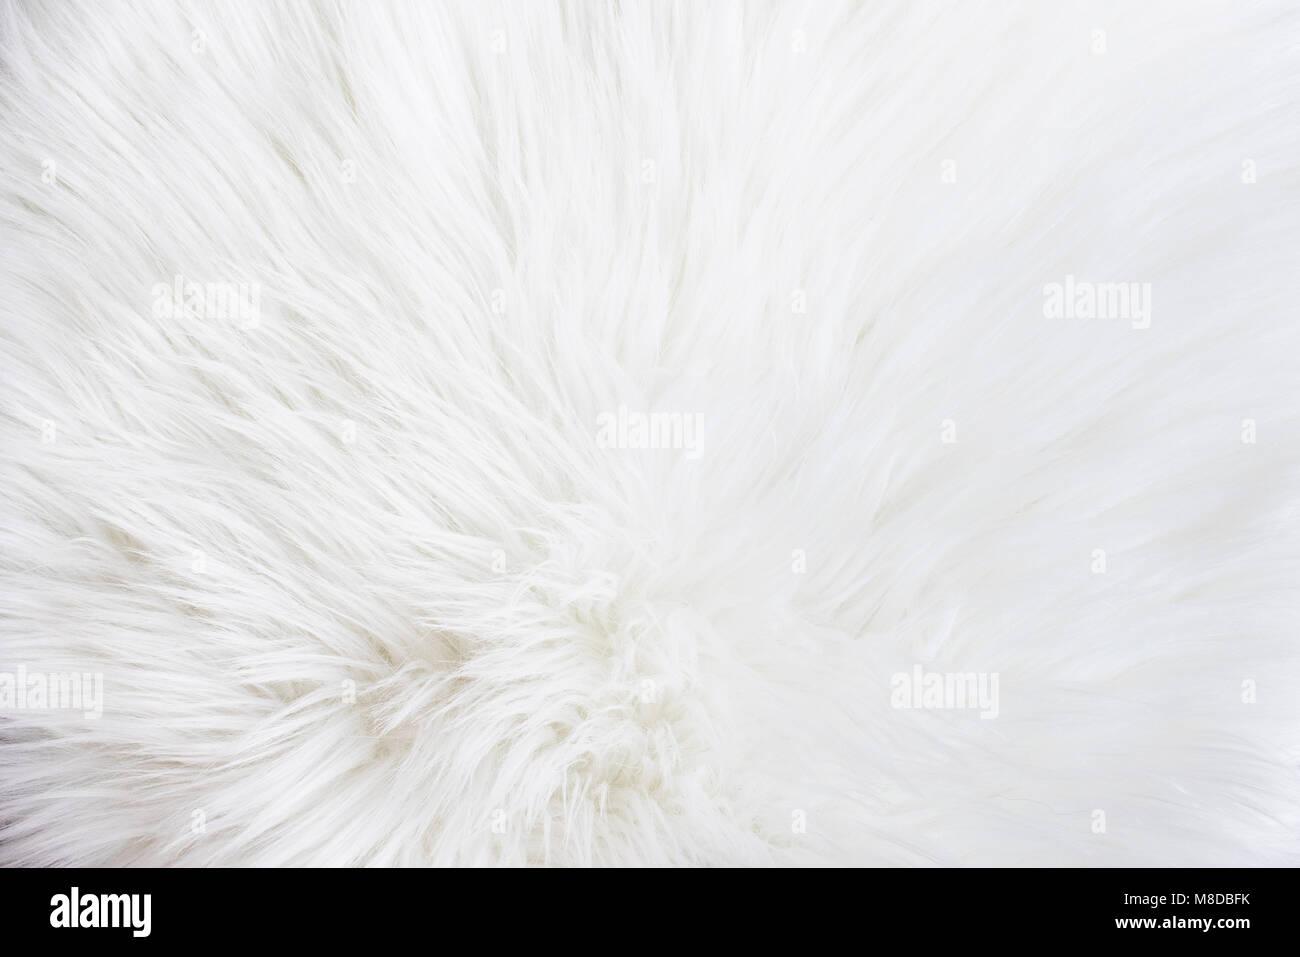 White fur texture - Stock Image